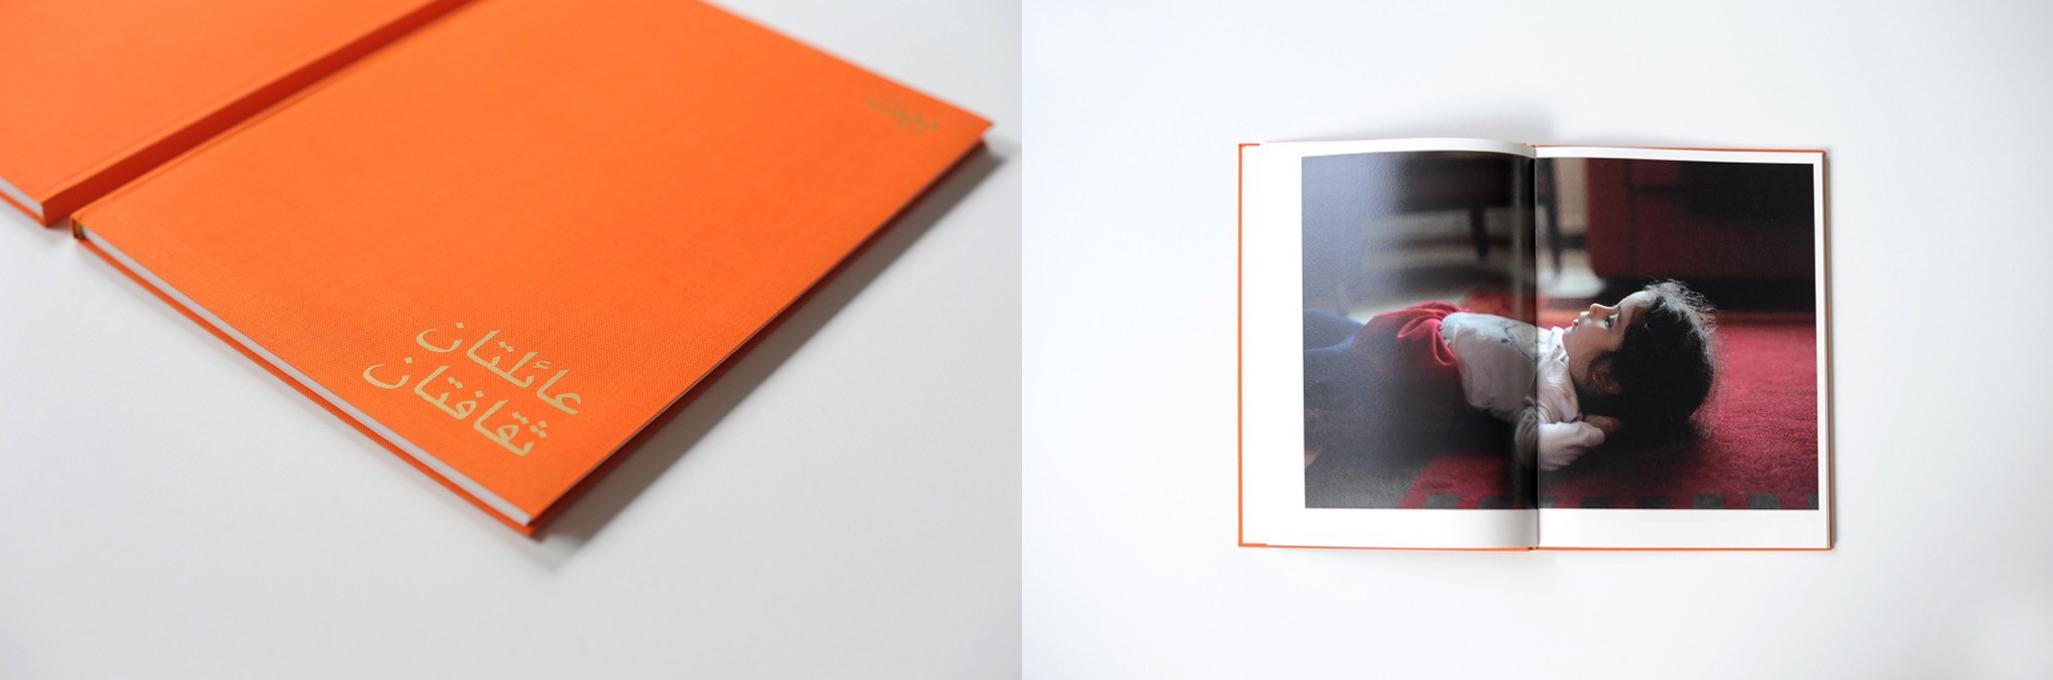 In der Ausstellung Call me #3 zu sehen: Doppelseite aus dem Buch: ein Mädchen schaut verloren an die Decke